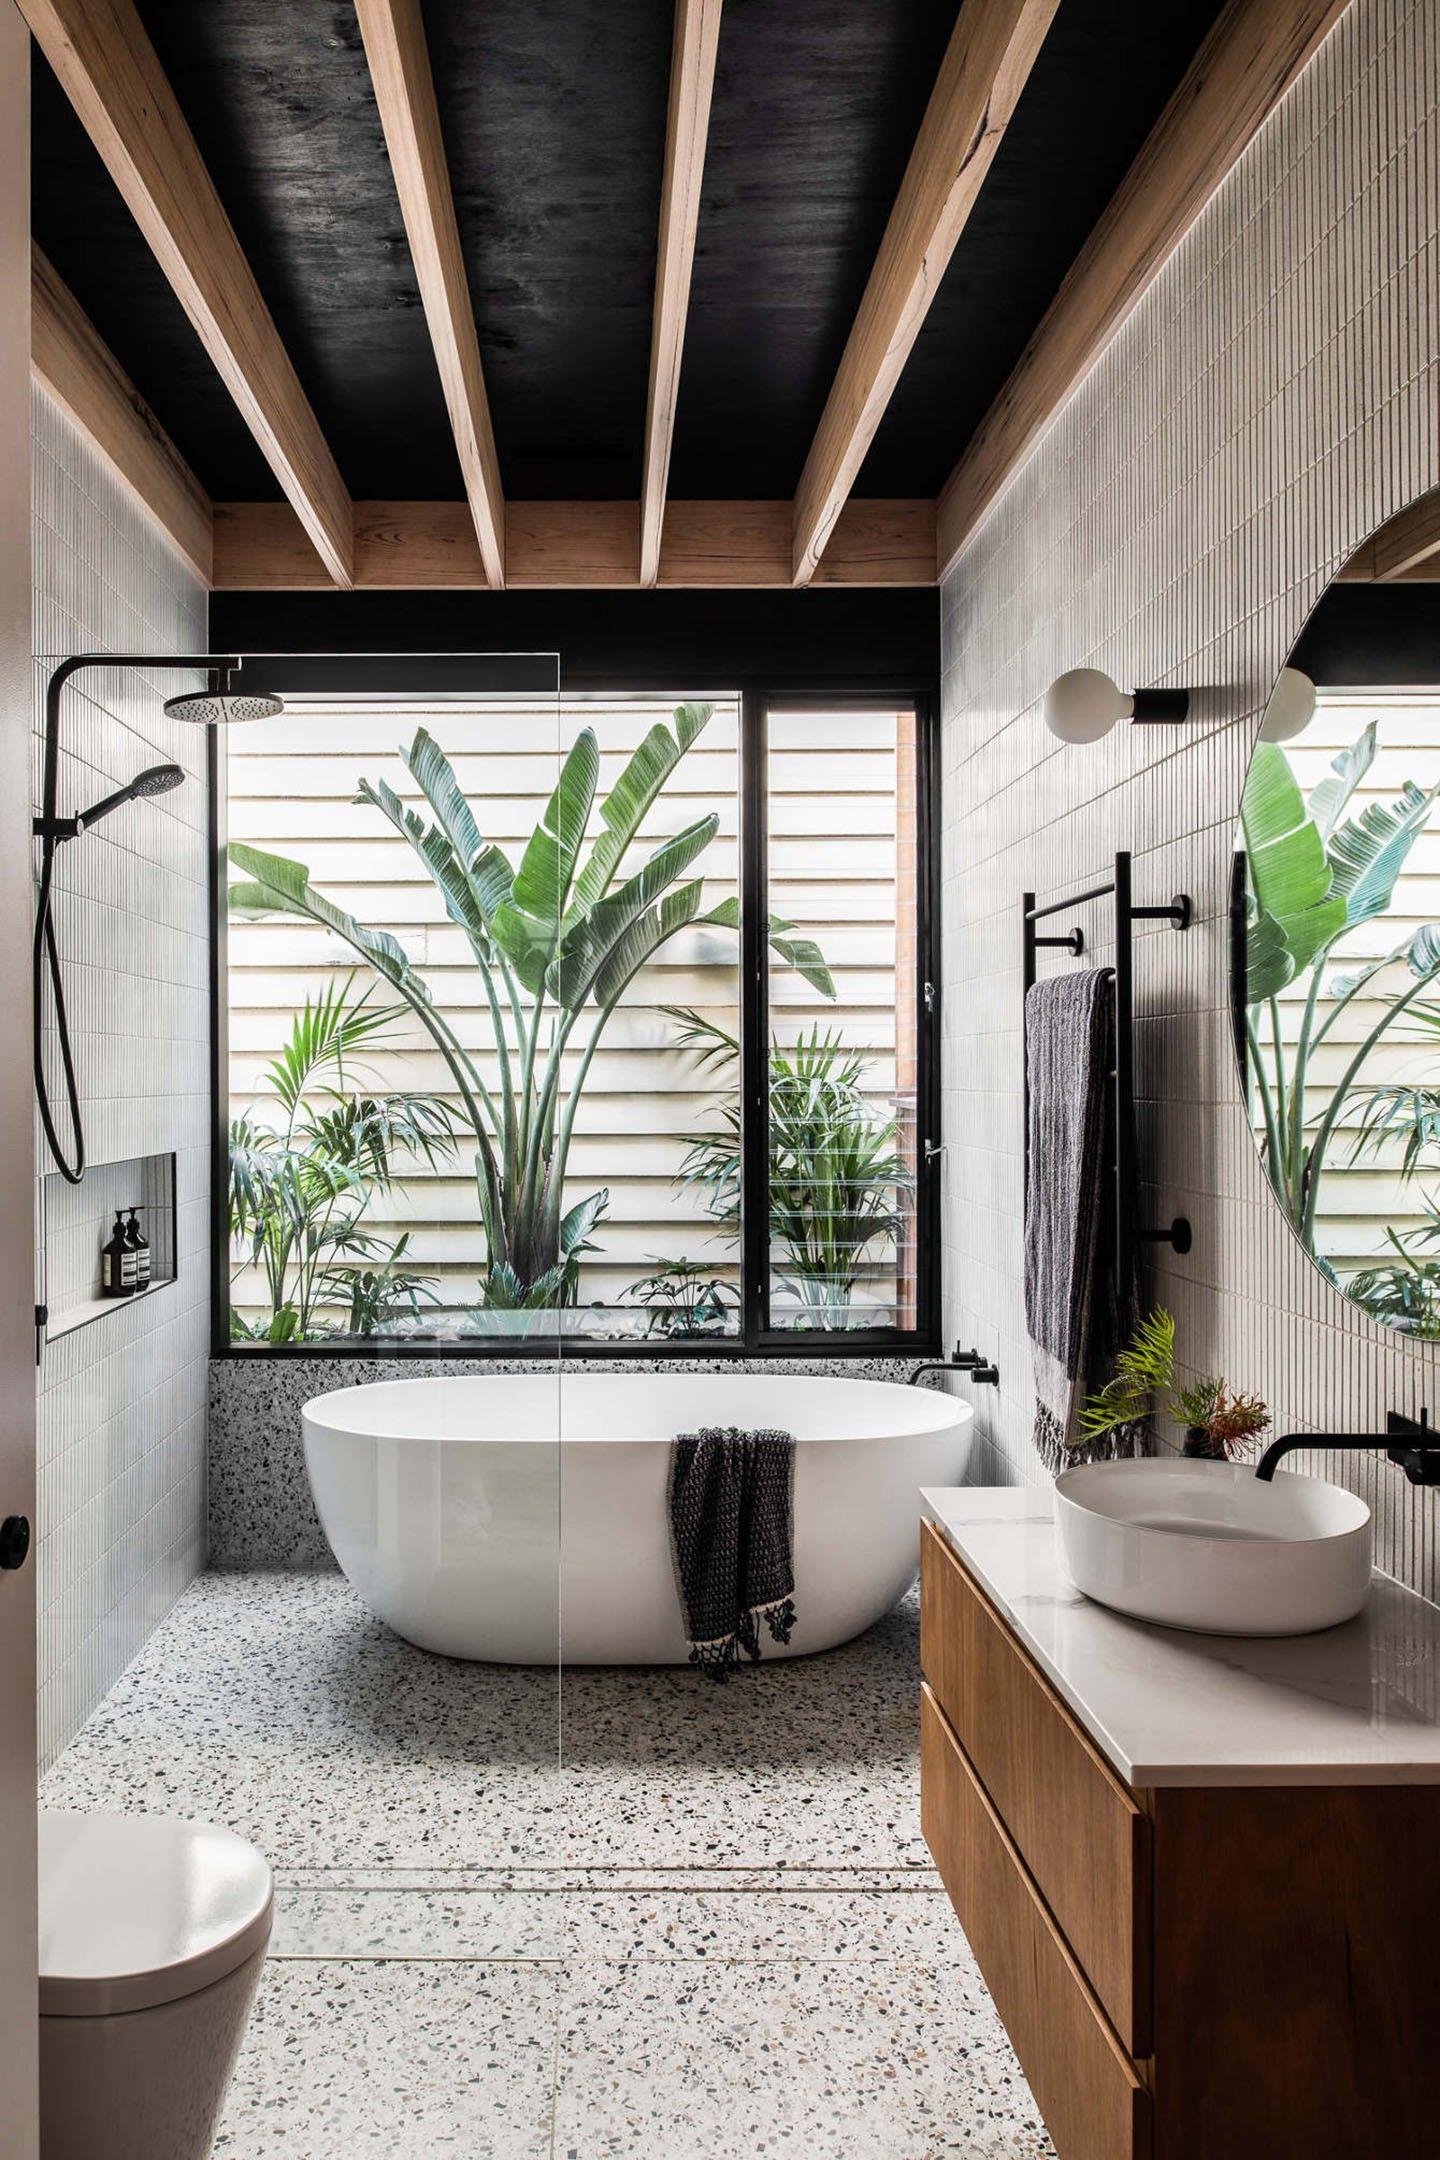 Décor do dia: banheiro com granilite, teto preto e